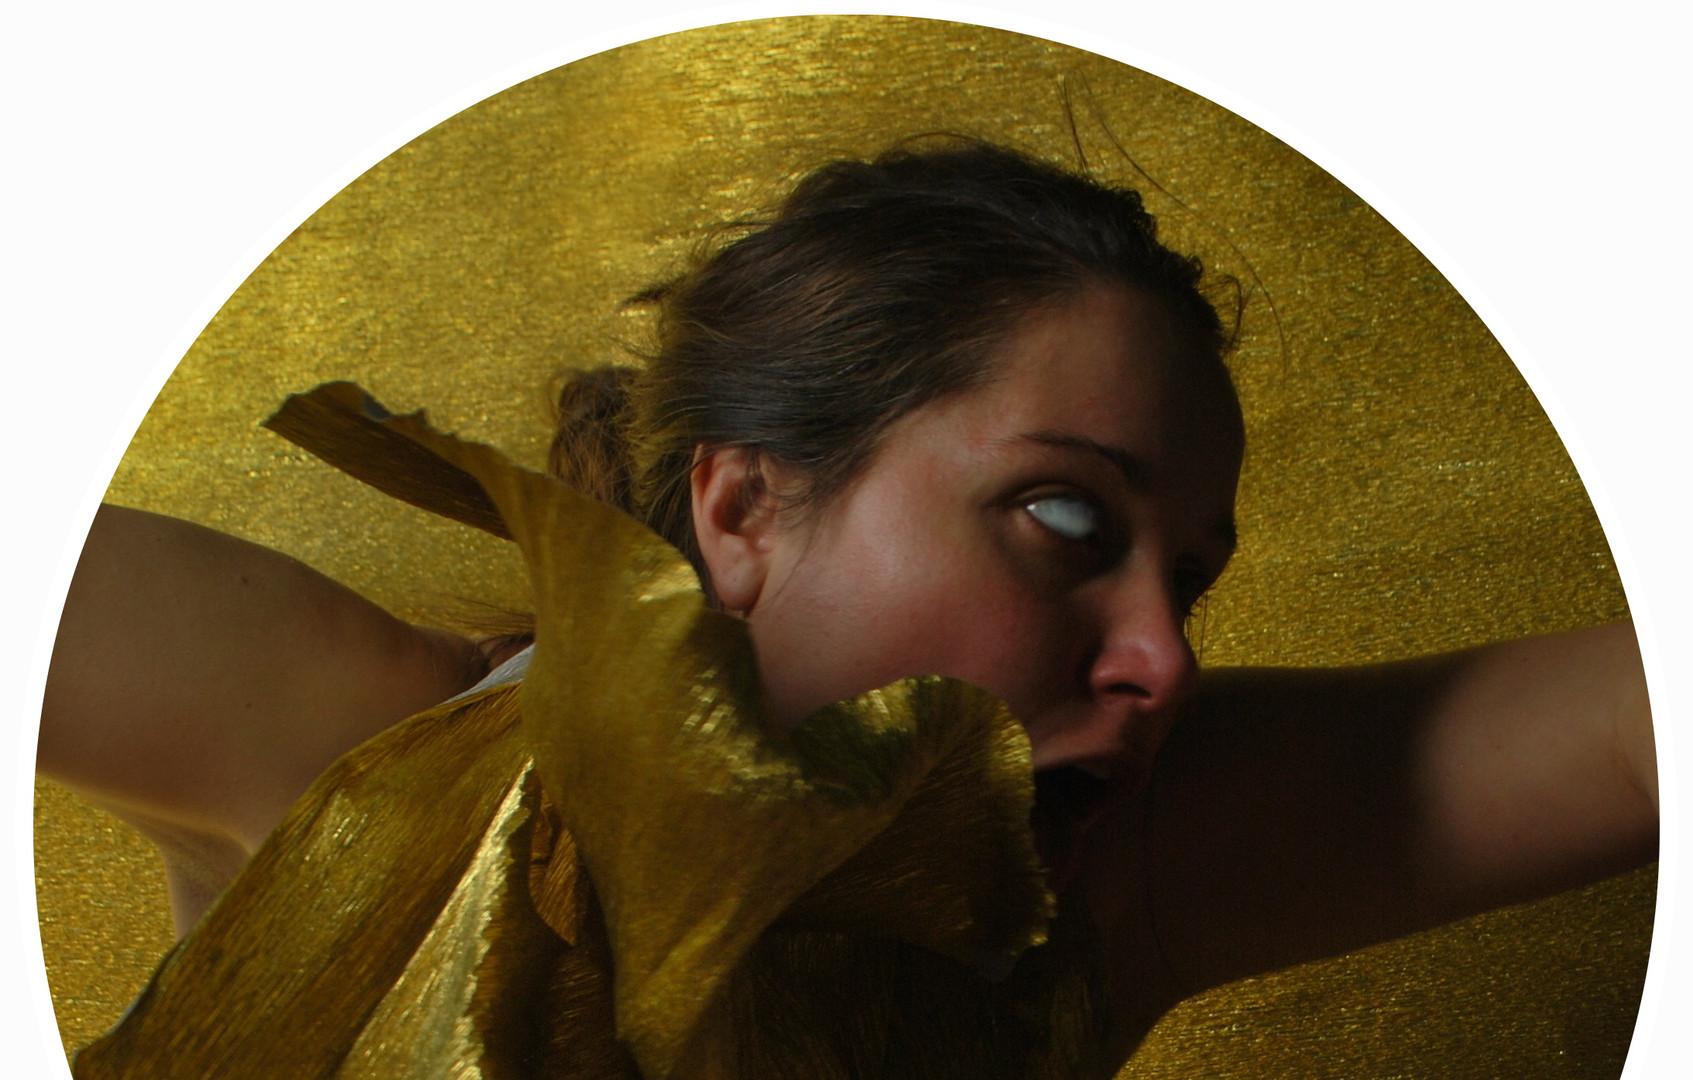 Passione cod 5814 Self portrait ©Ilaria